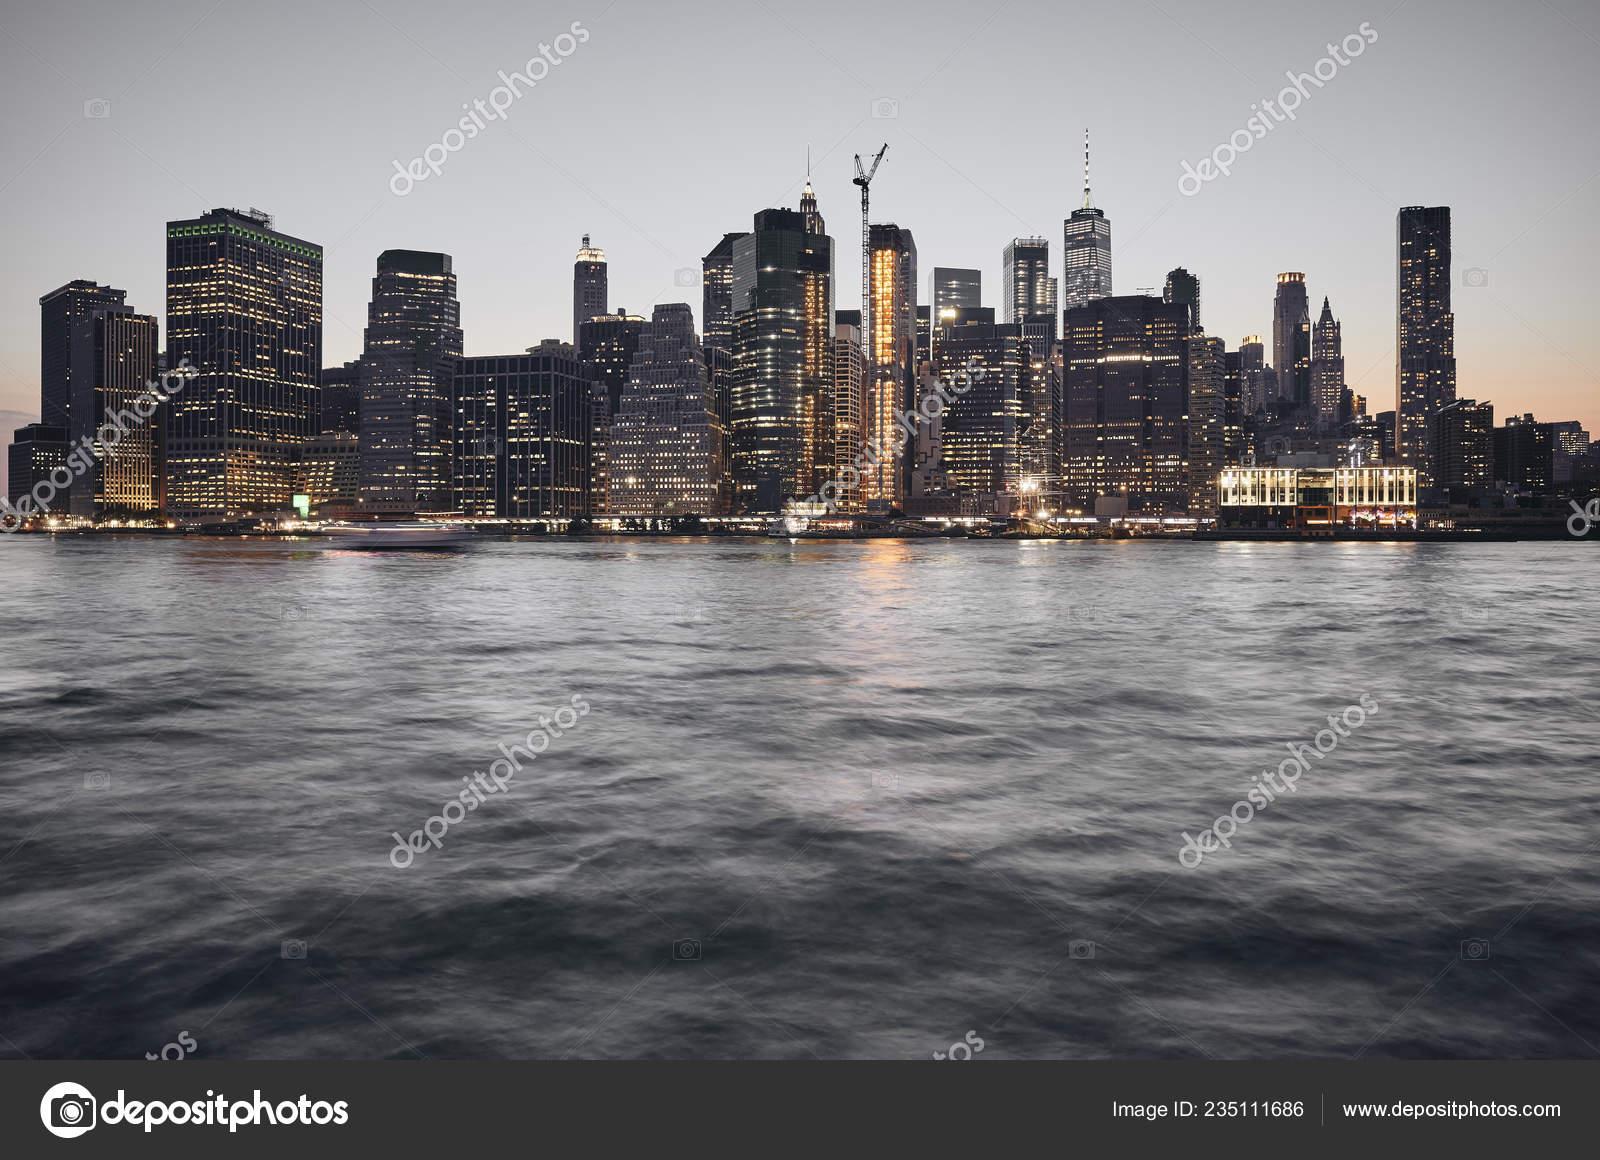 Manhattan Skyline Bei Sonnenuntergang Getönten Farbe Bild